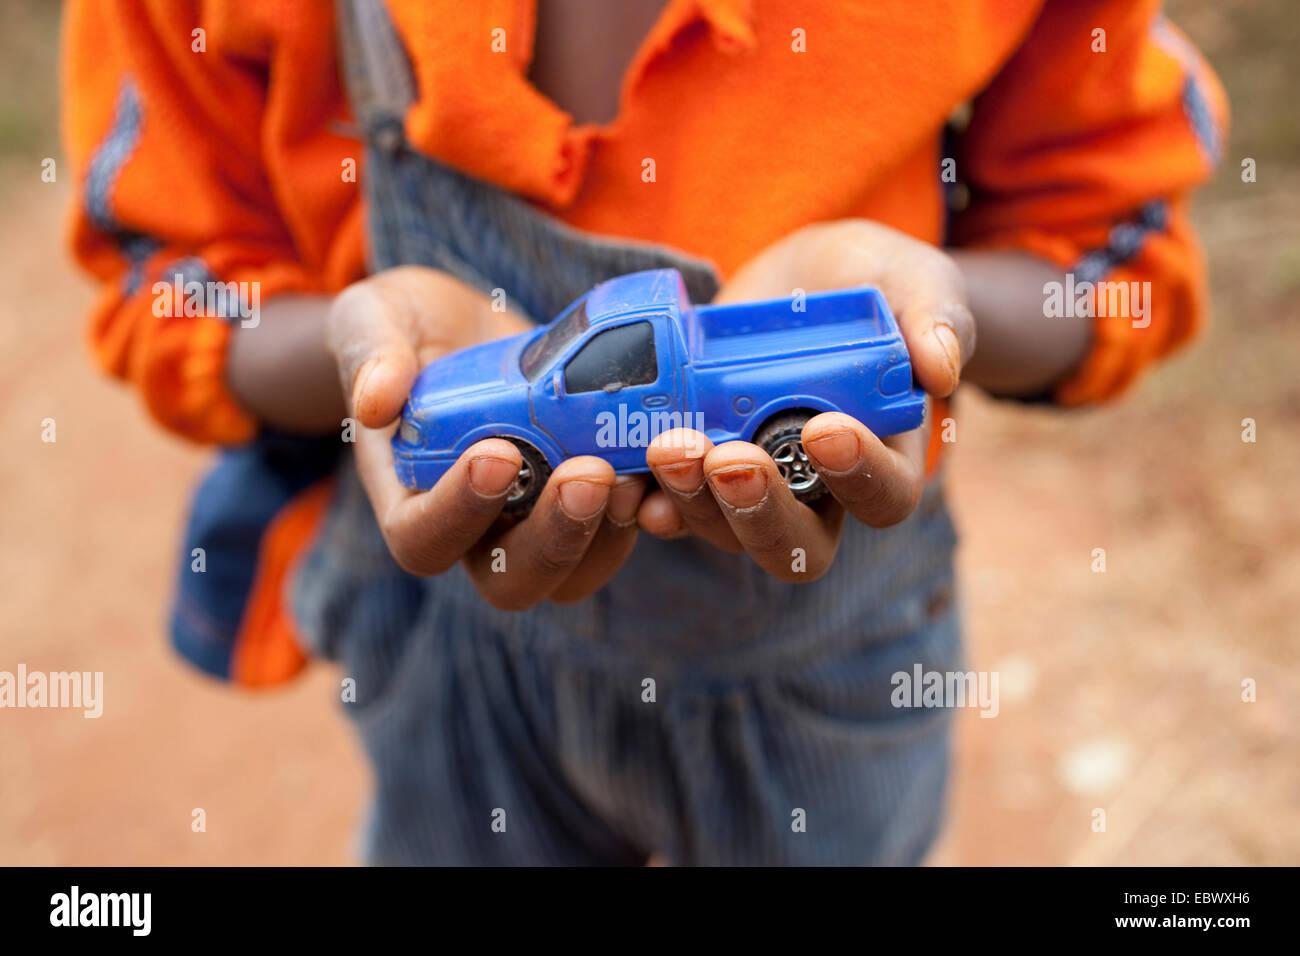 Garçon tenant une petite voiture bleue dans ses mains, le Burundi, Karuzi, Buhiga Photo Stock